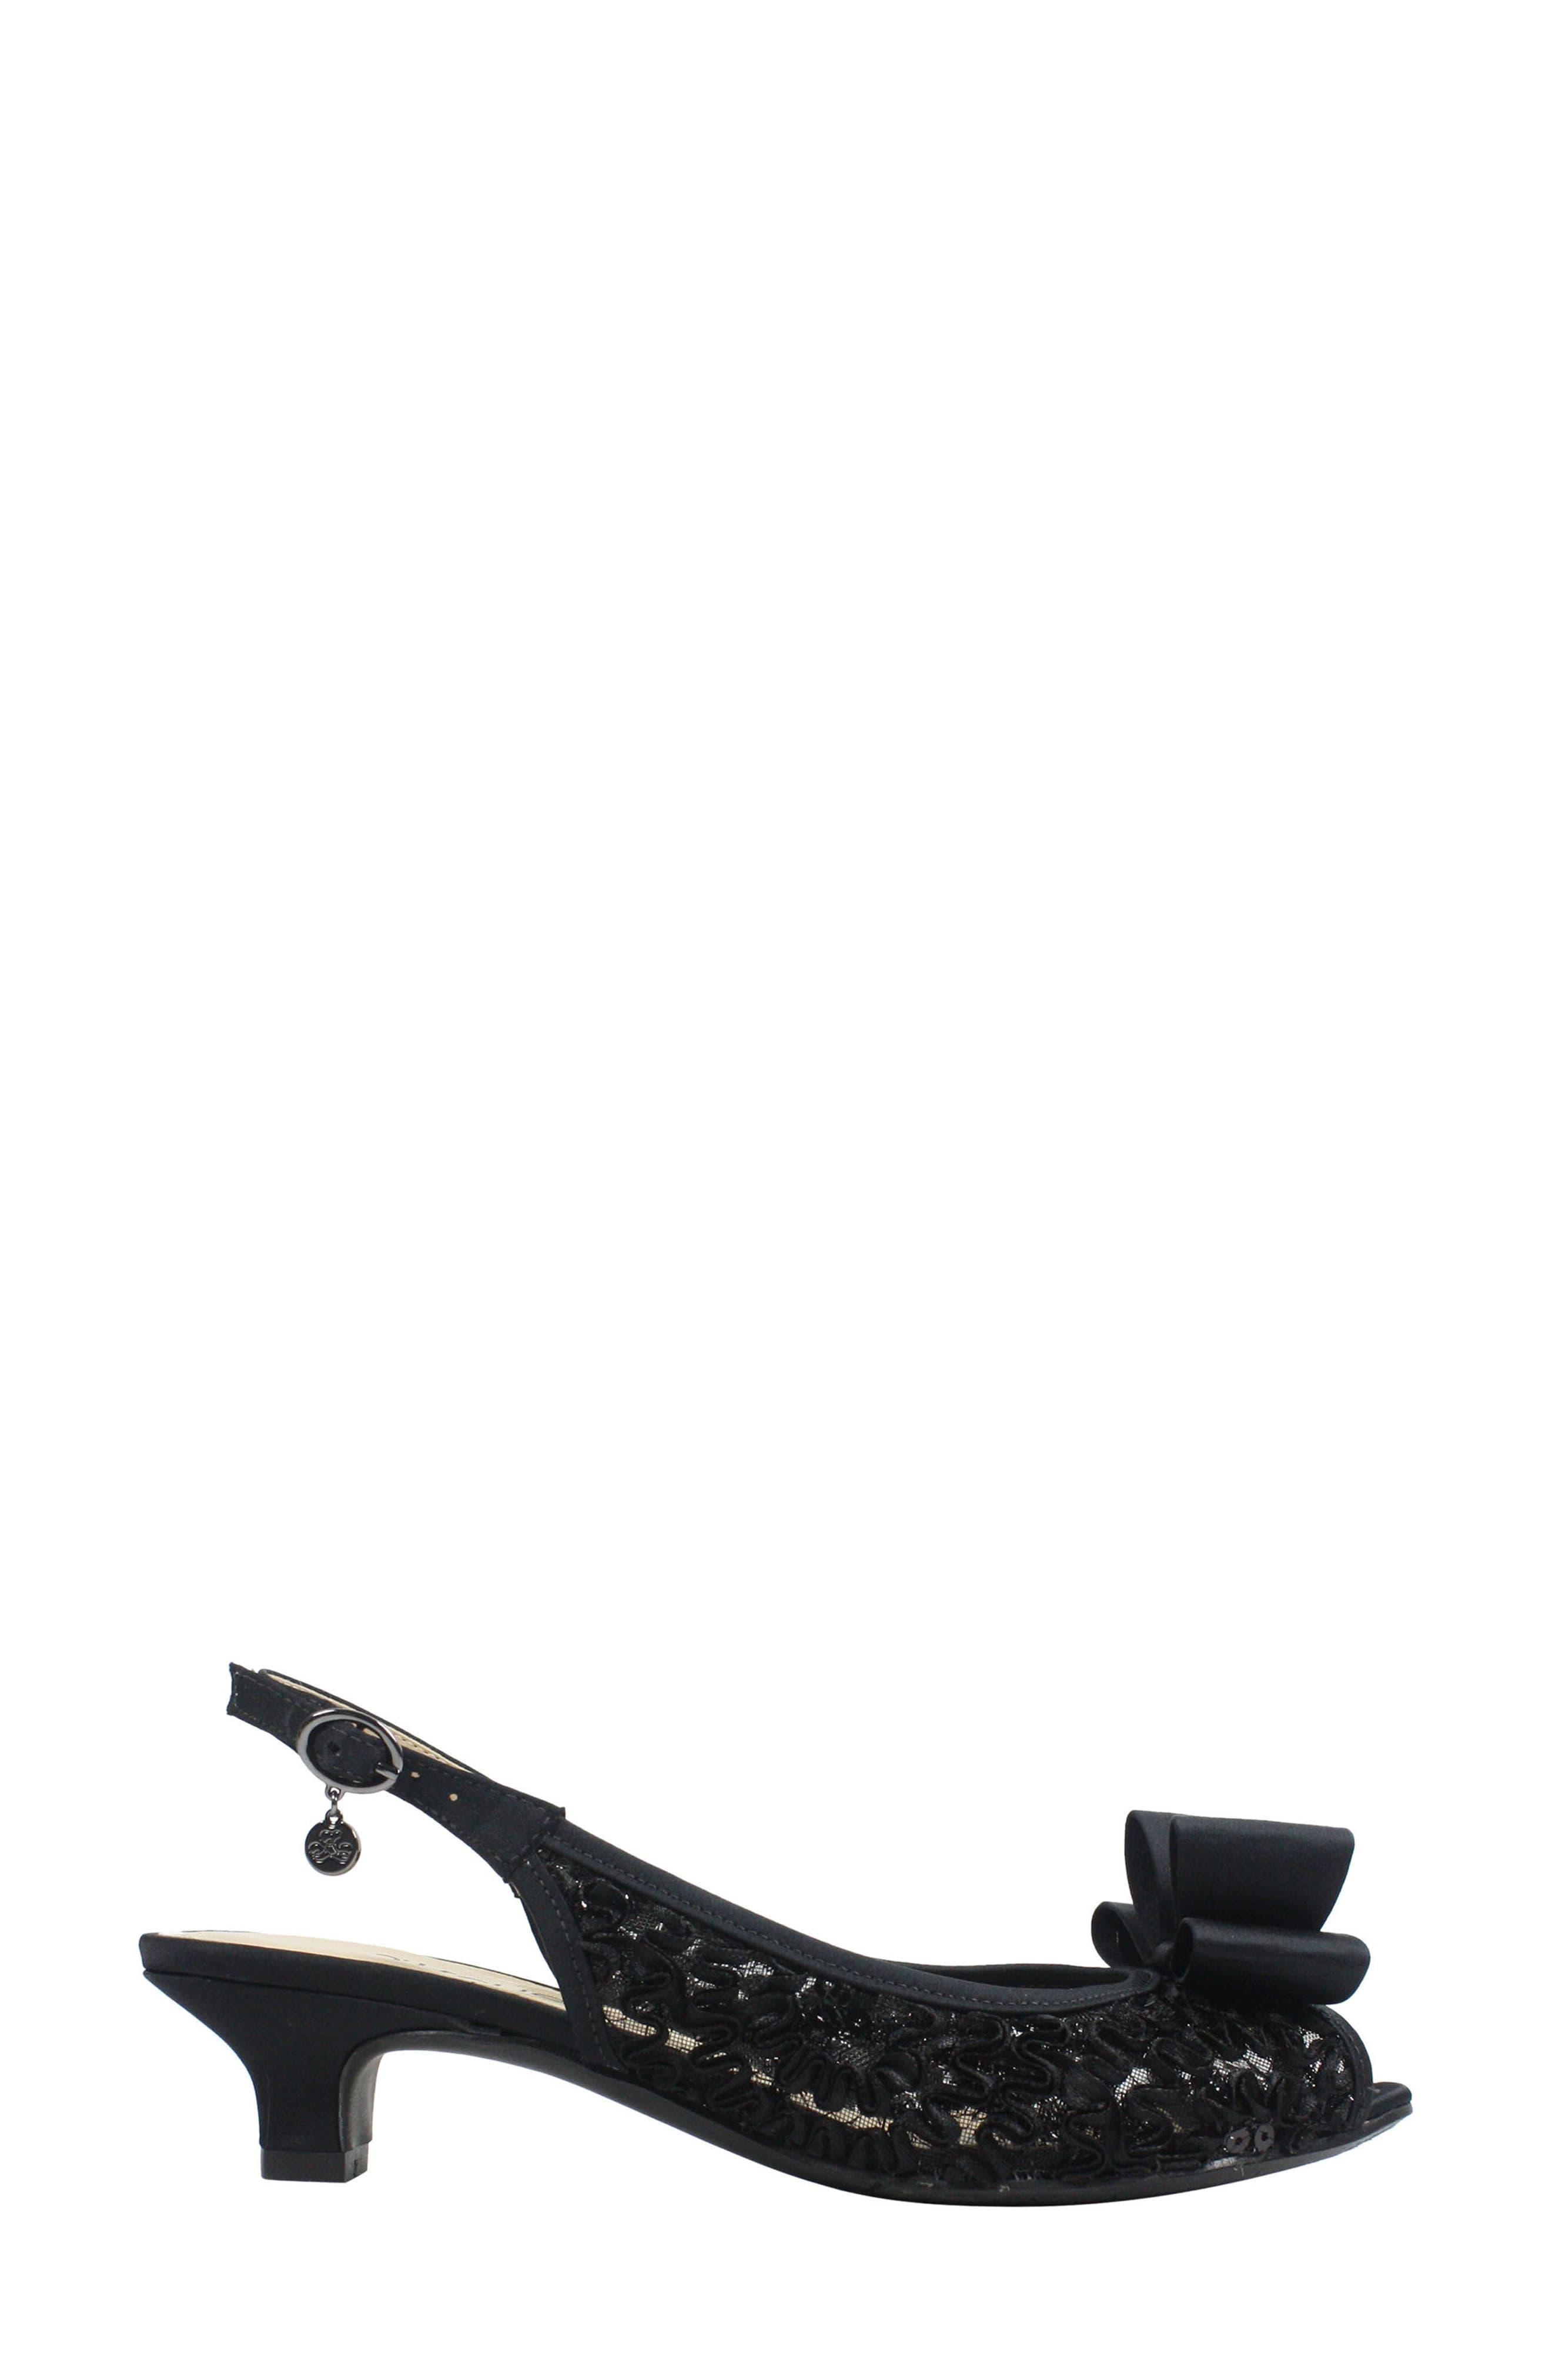 Landan Bow Slingback Sandal,                             Alternate thumbnail 3, color,                             Black Lace